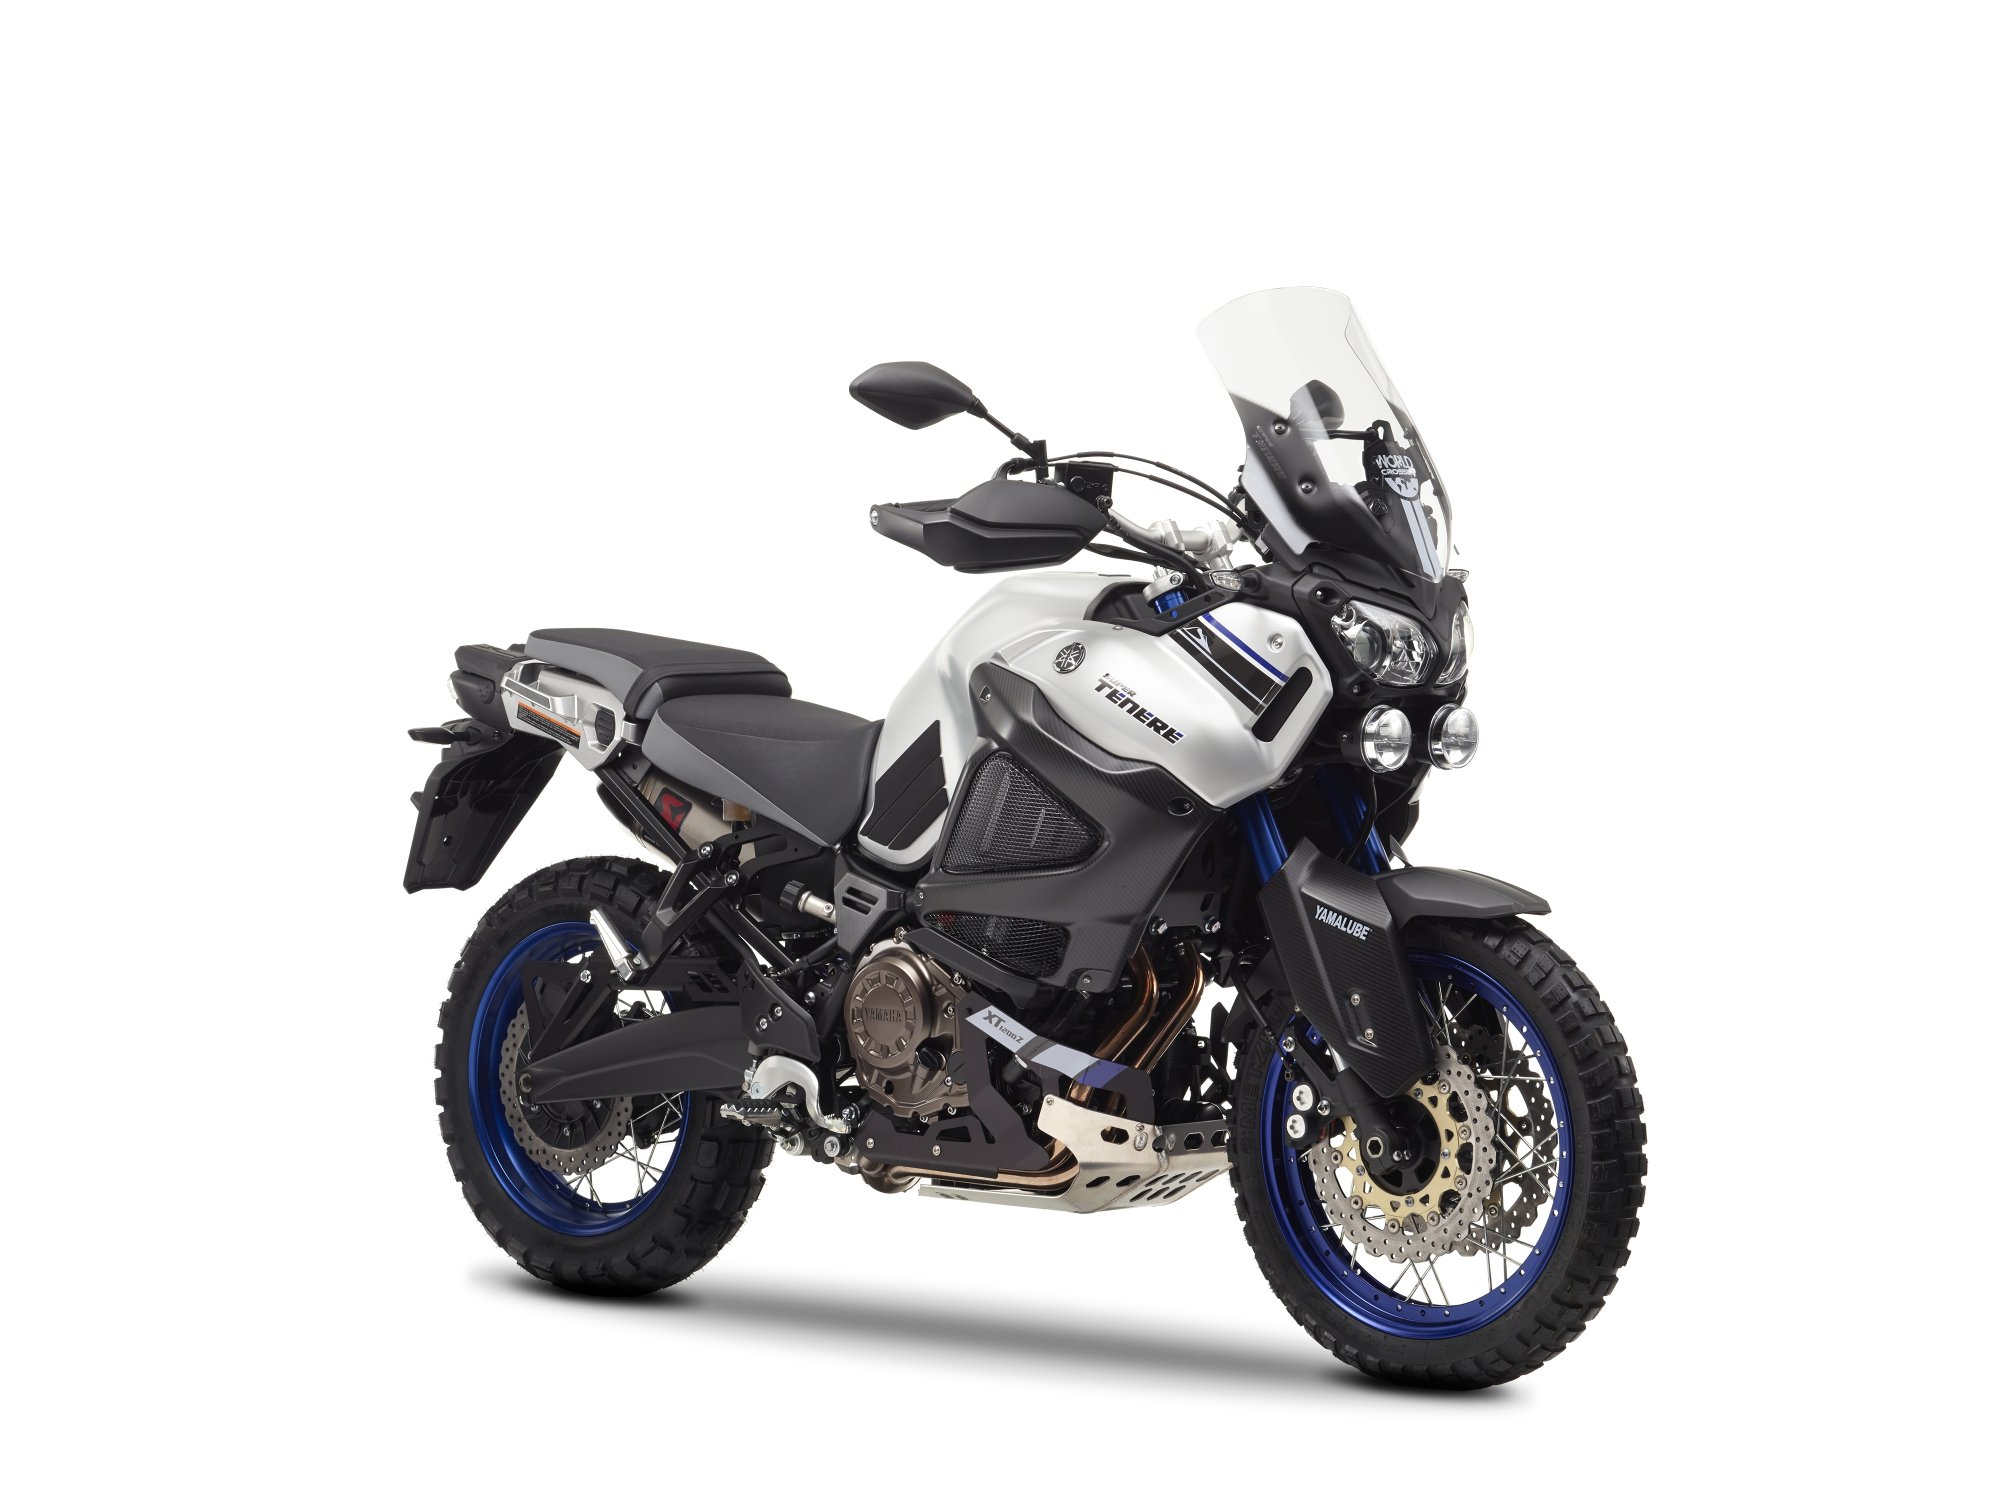 Xt Yamaha Specs